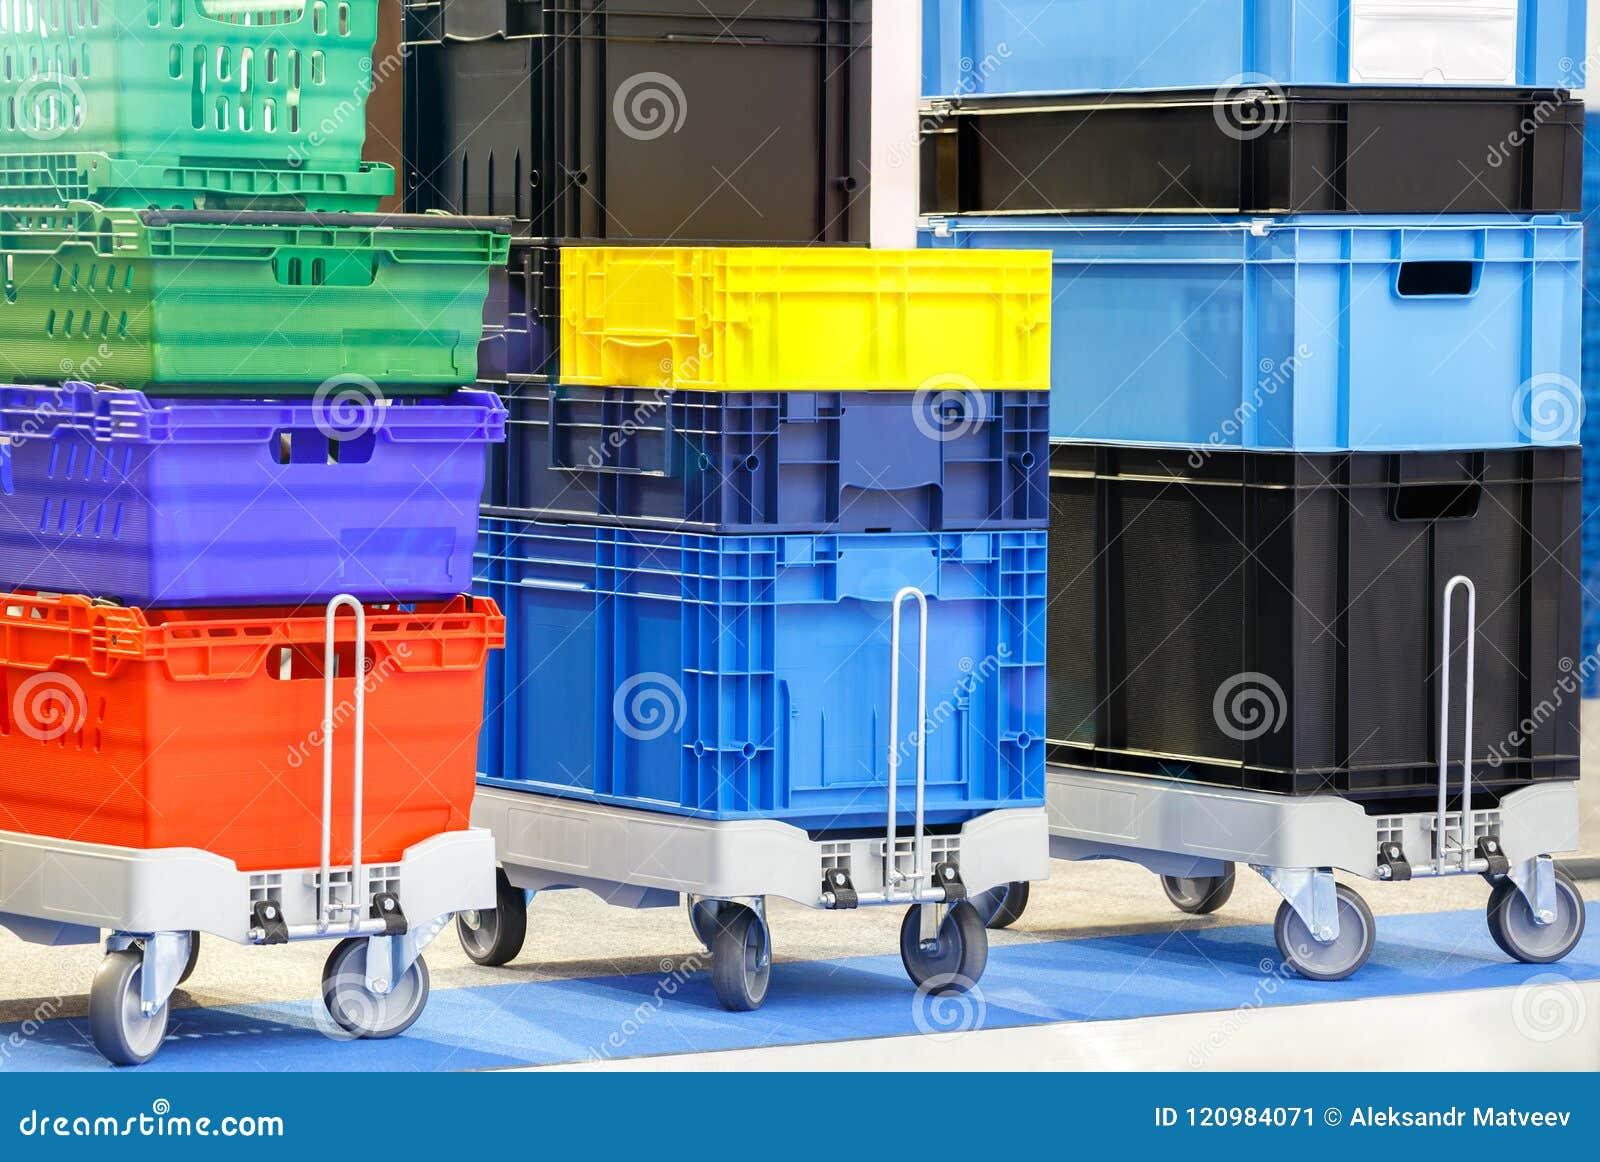 Bunte Plastikkästen stapelten ein nach dem anderen auf Magazinwagen- oder Plattformlaufkatze